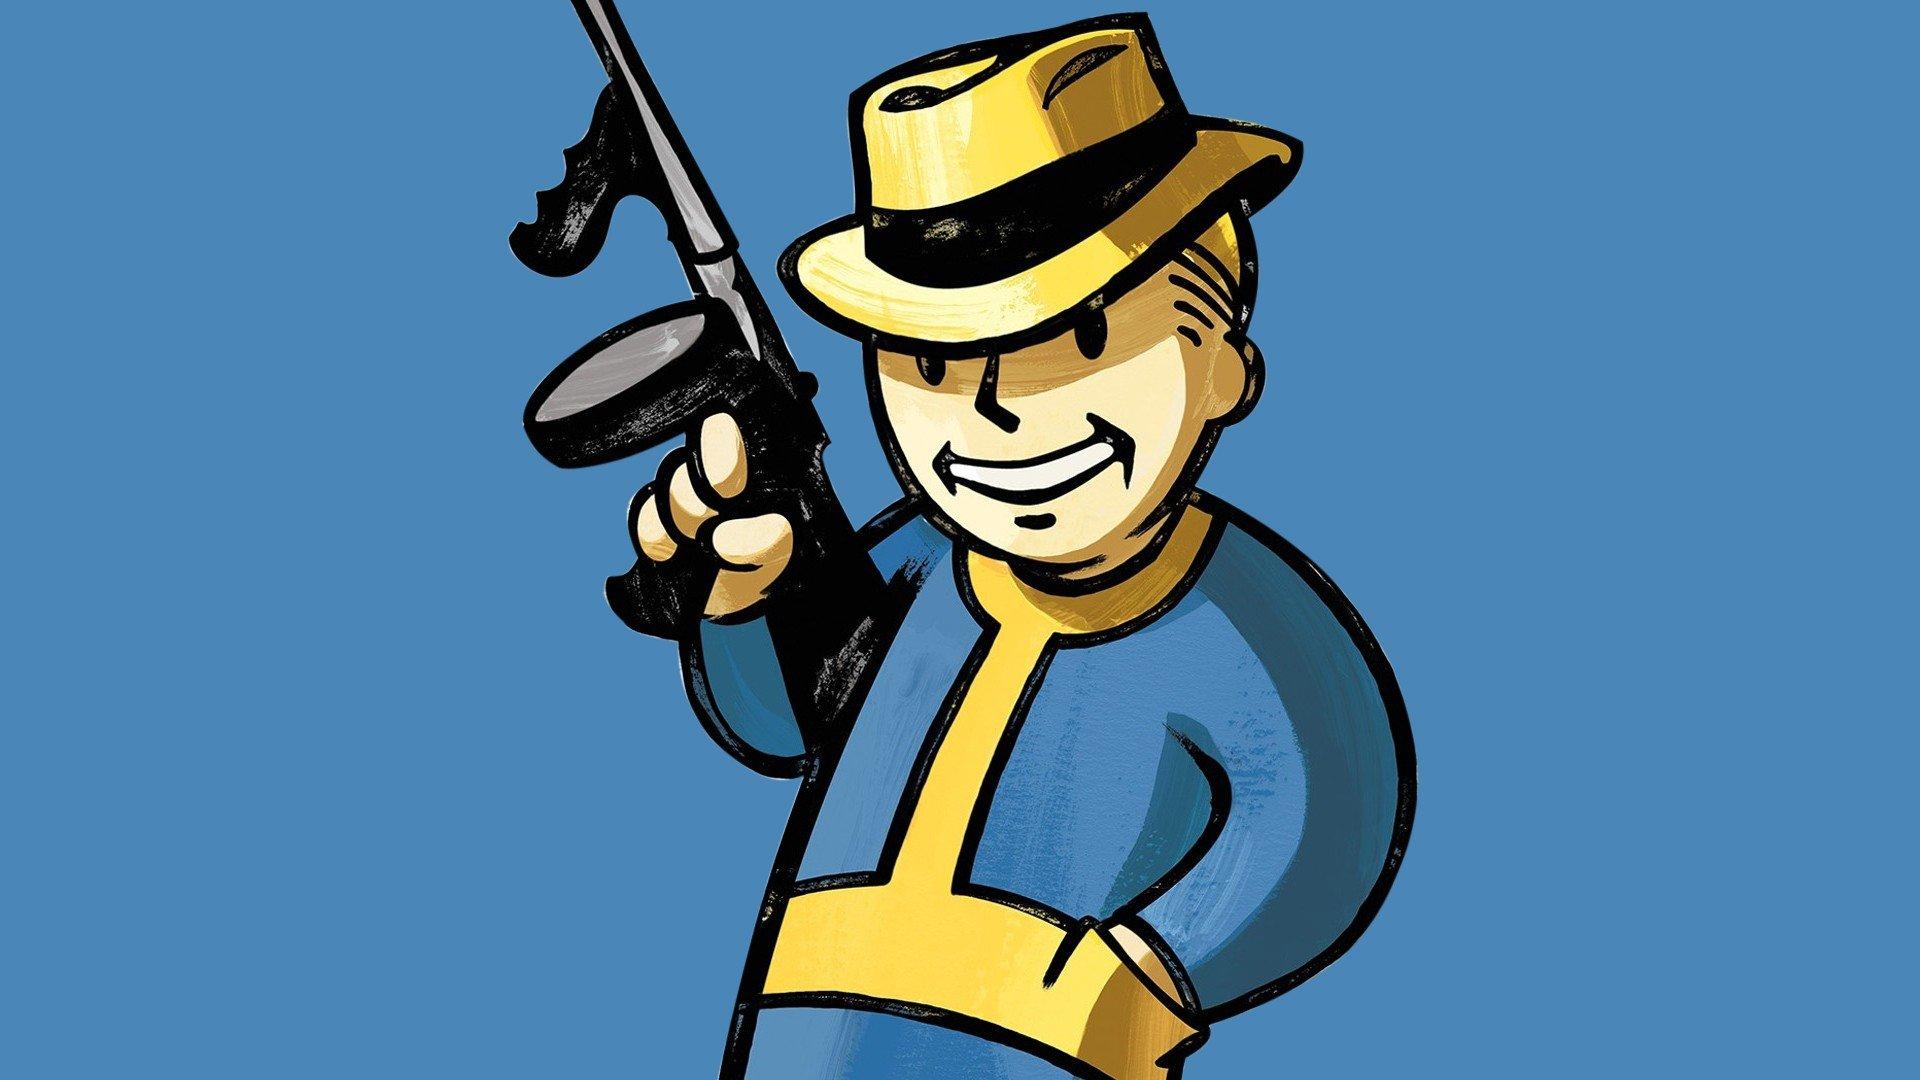 Fallout Wallpaper Pipboy 1920x1080